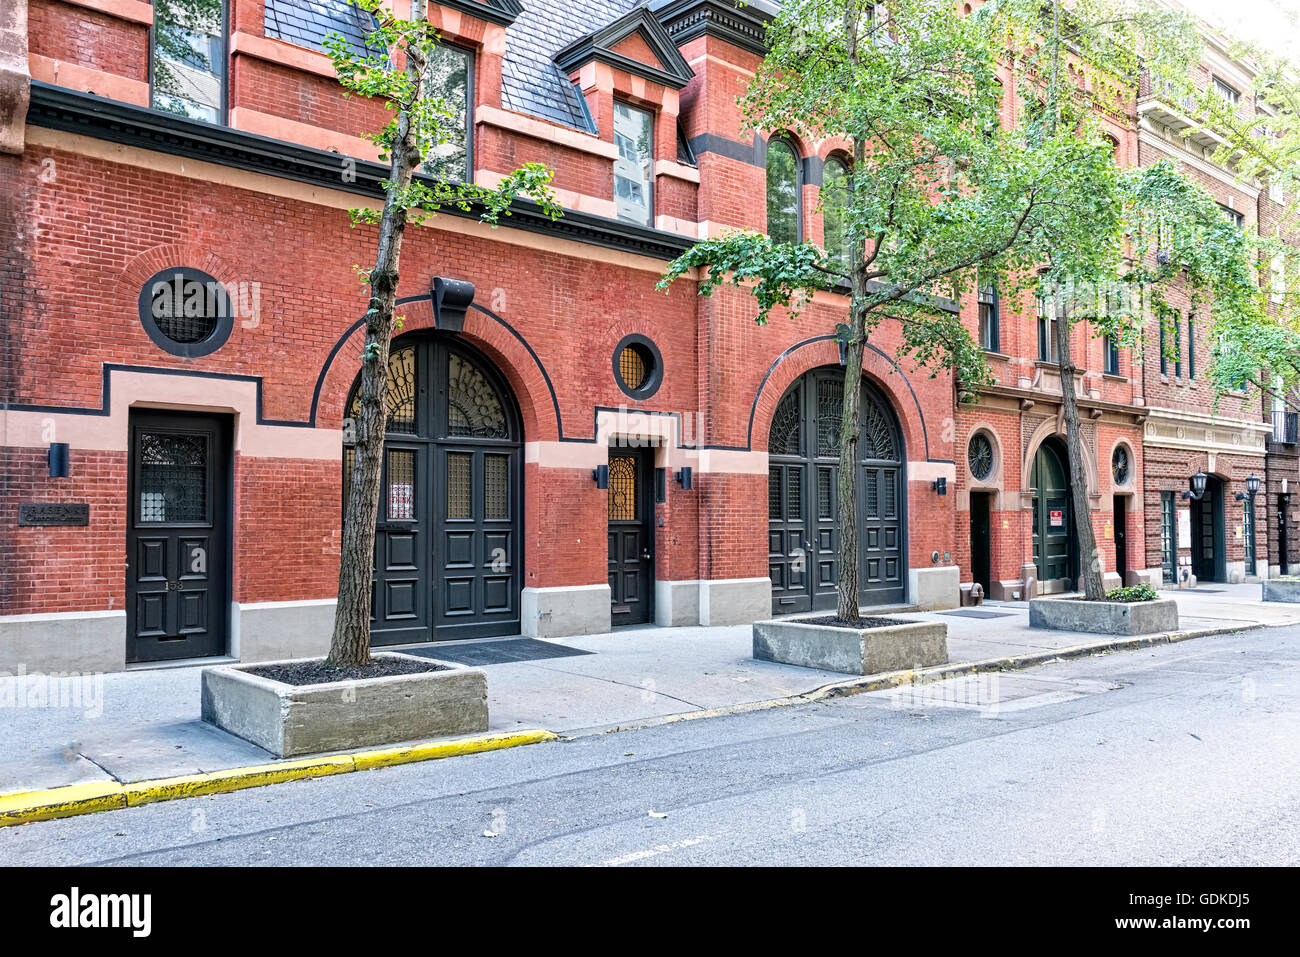 Vitesse datant de l'Upper East Side